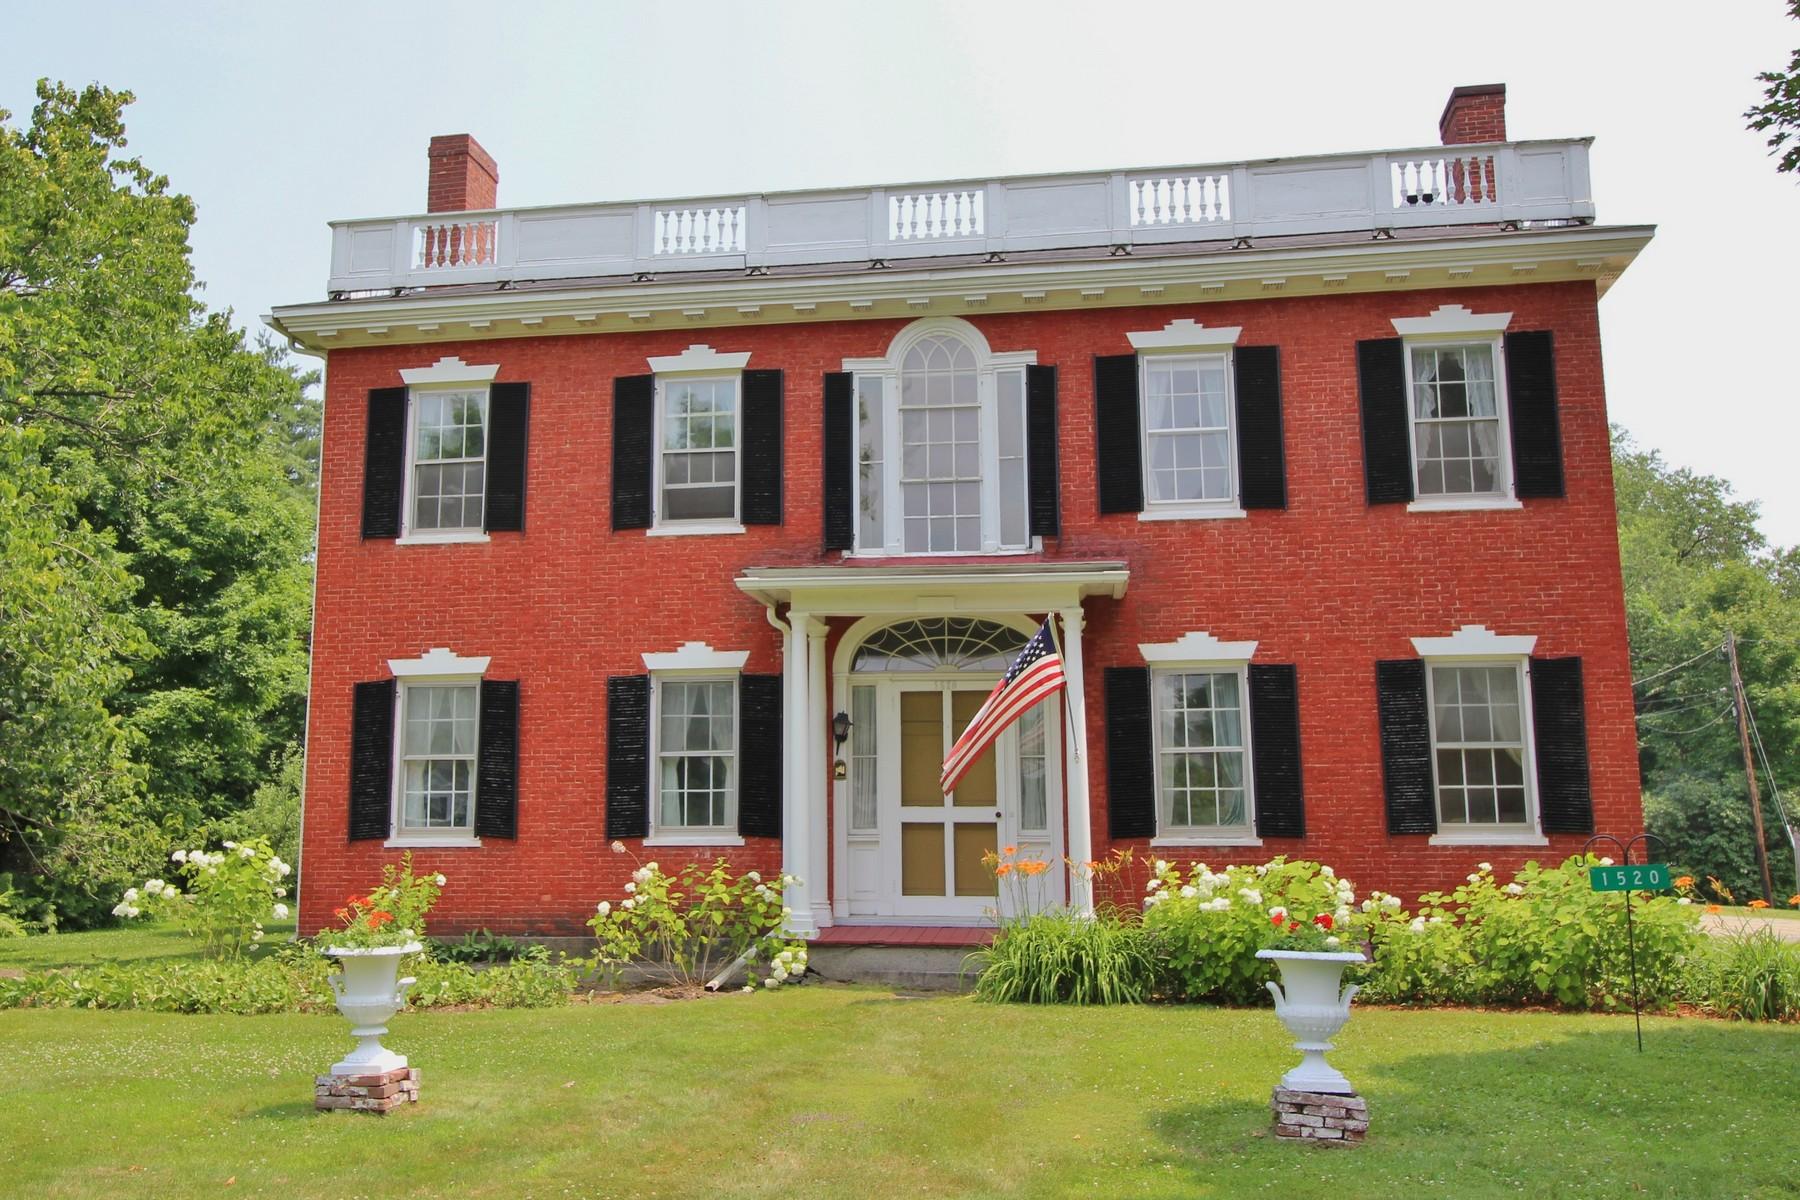 단독 가정 주택 용 매매 에 The Paddock House 1520 Main St St. Johnsbury, 베르몬트, 05819 미국